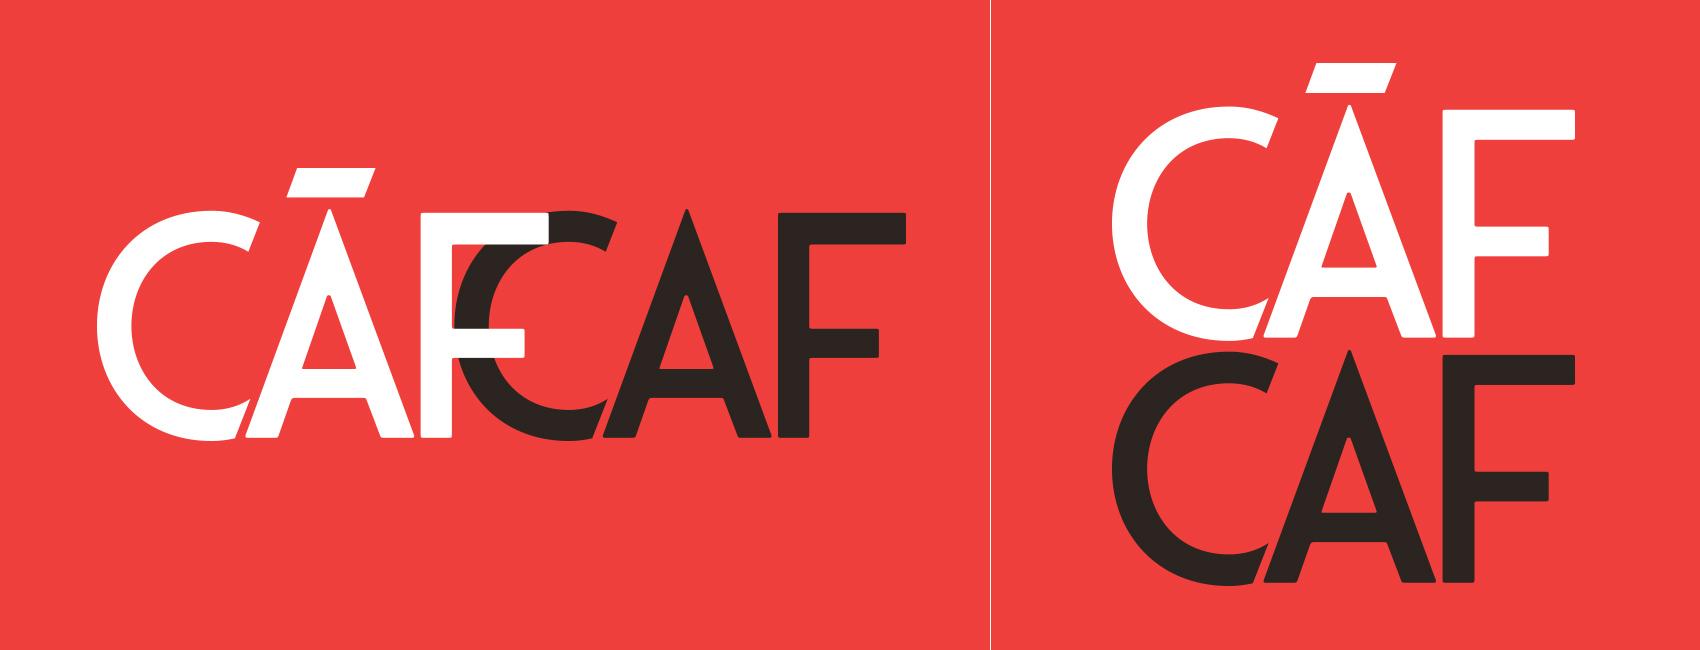 CafCaf-Logos